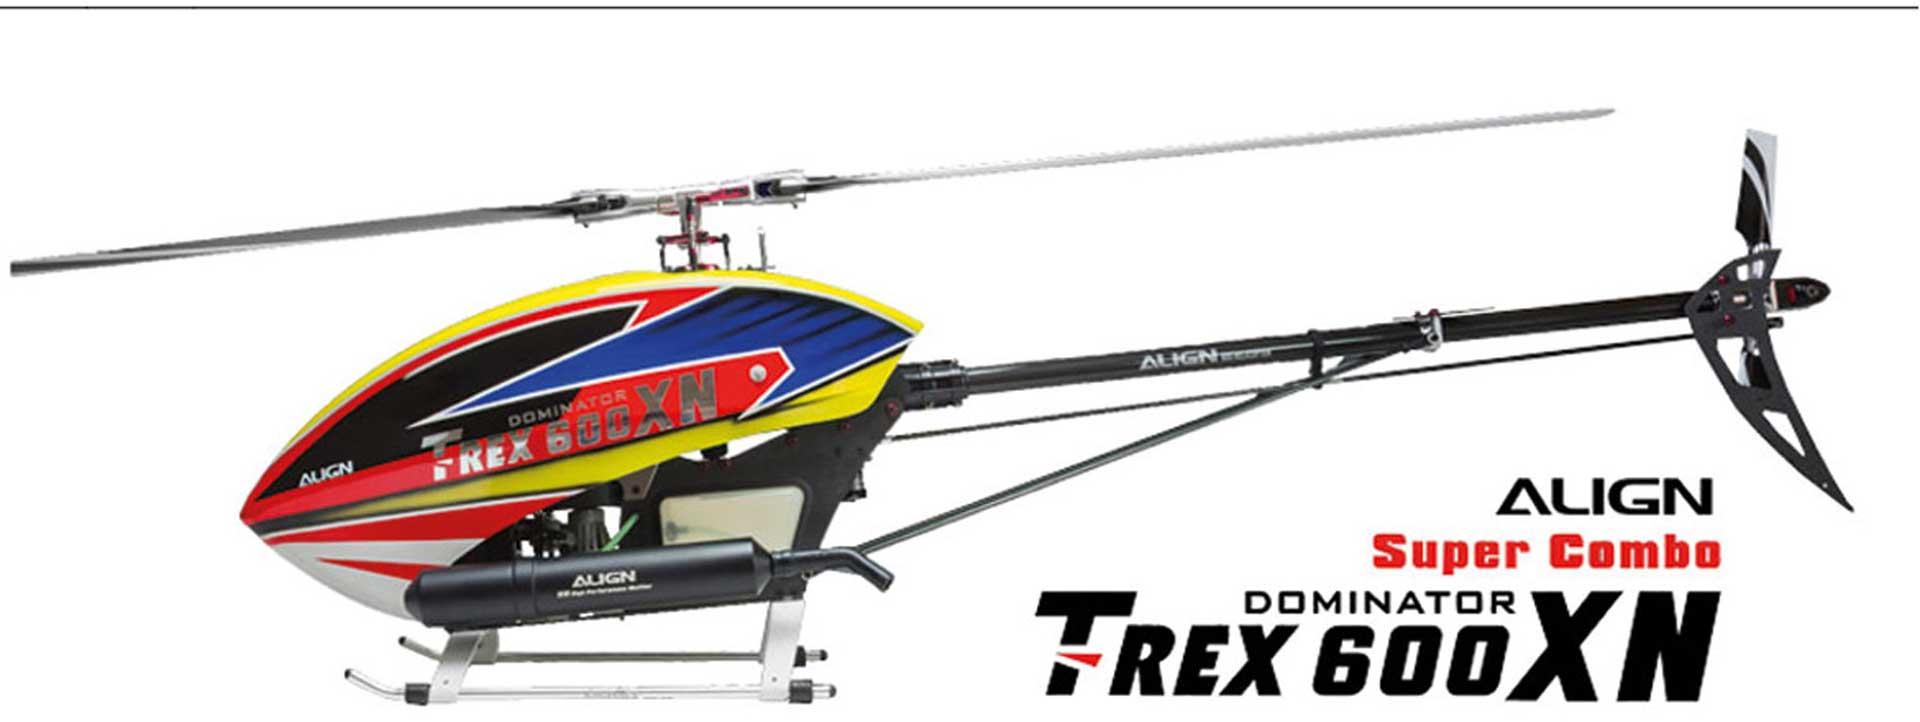 ALIGN T-REX 600XN NITRO SUPER COMBO Hubschrauber / Helikopter